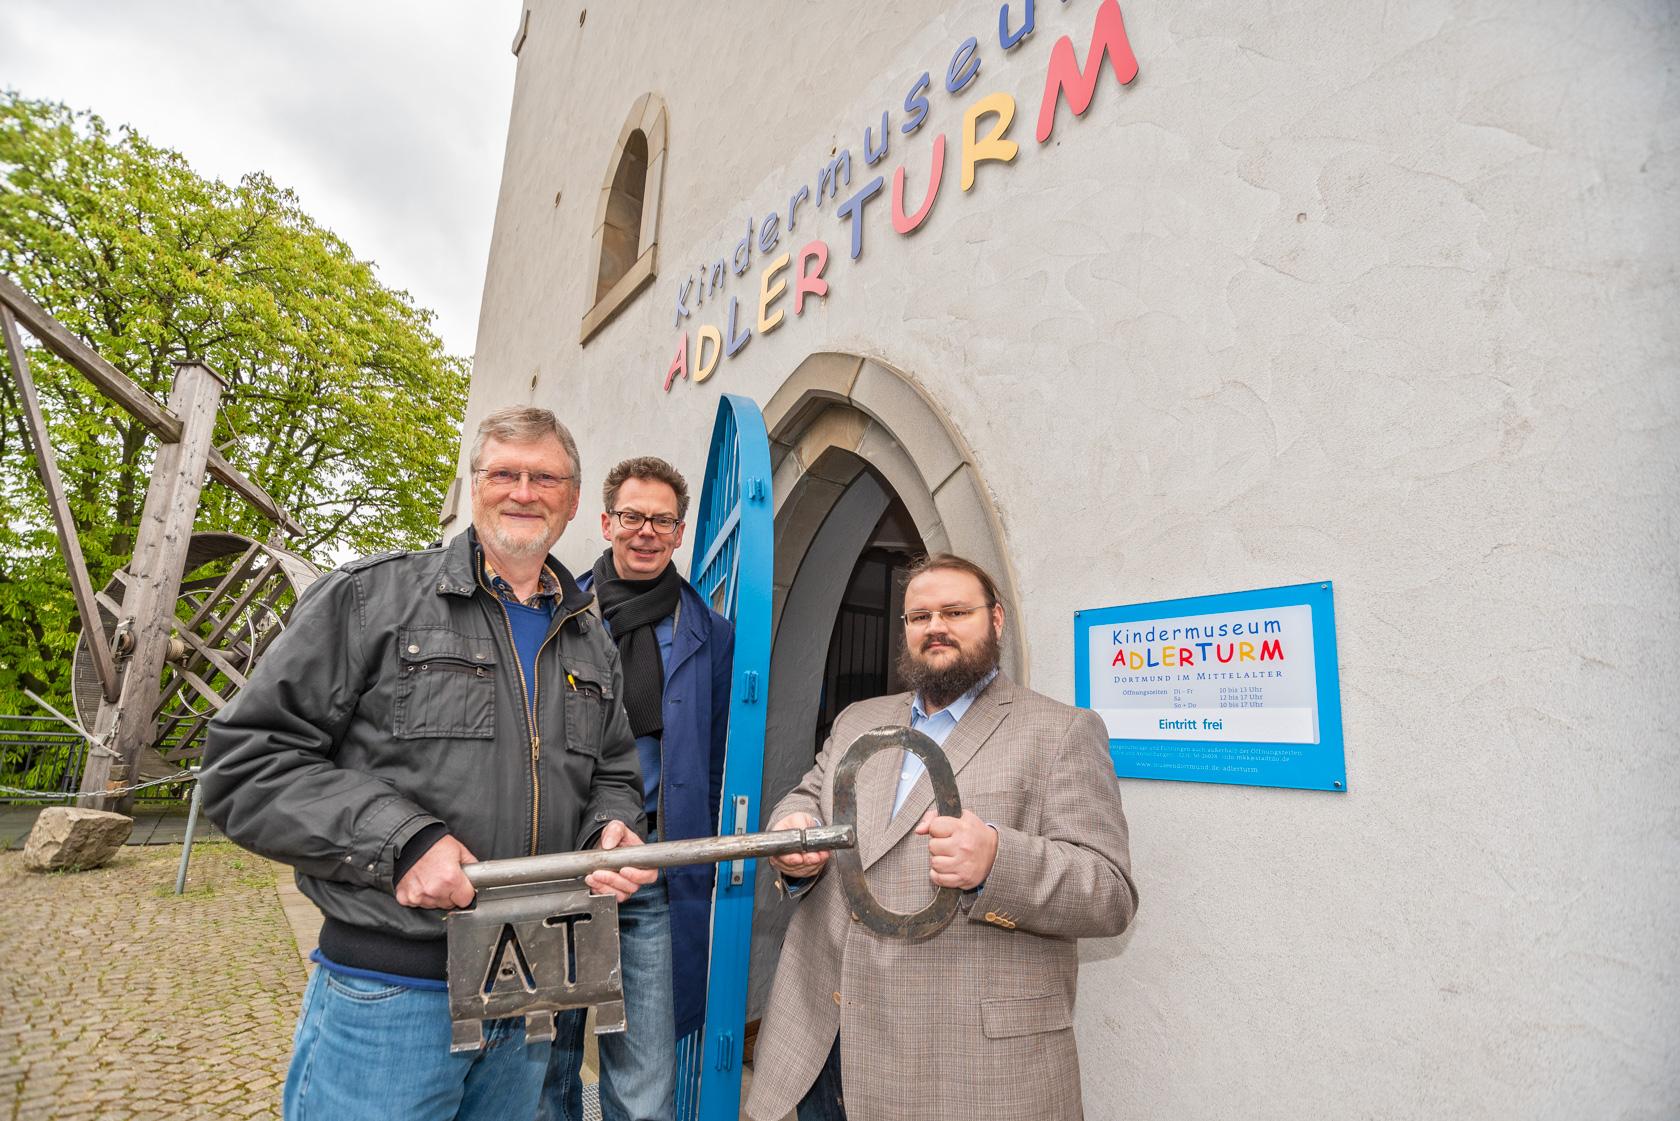 Wechsel am Kindermuseum Adlerturm: Karl Heinrich Deutmann übergibt an Philipp Sulzer